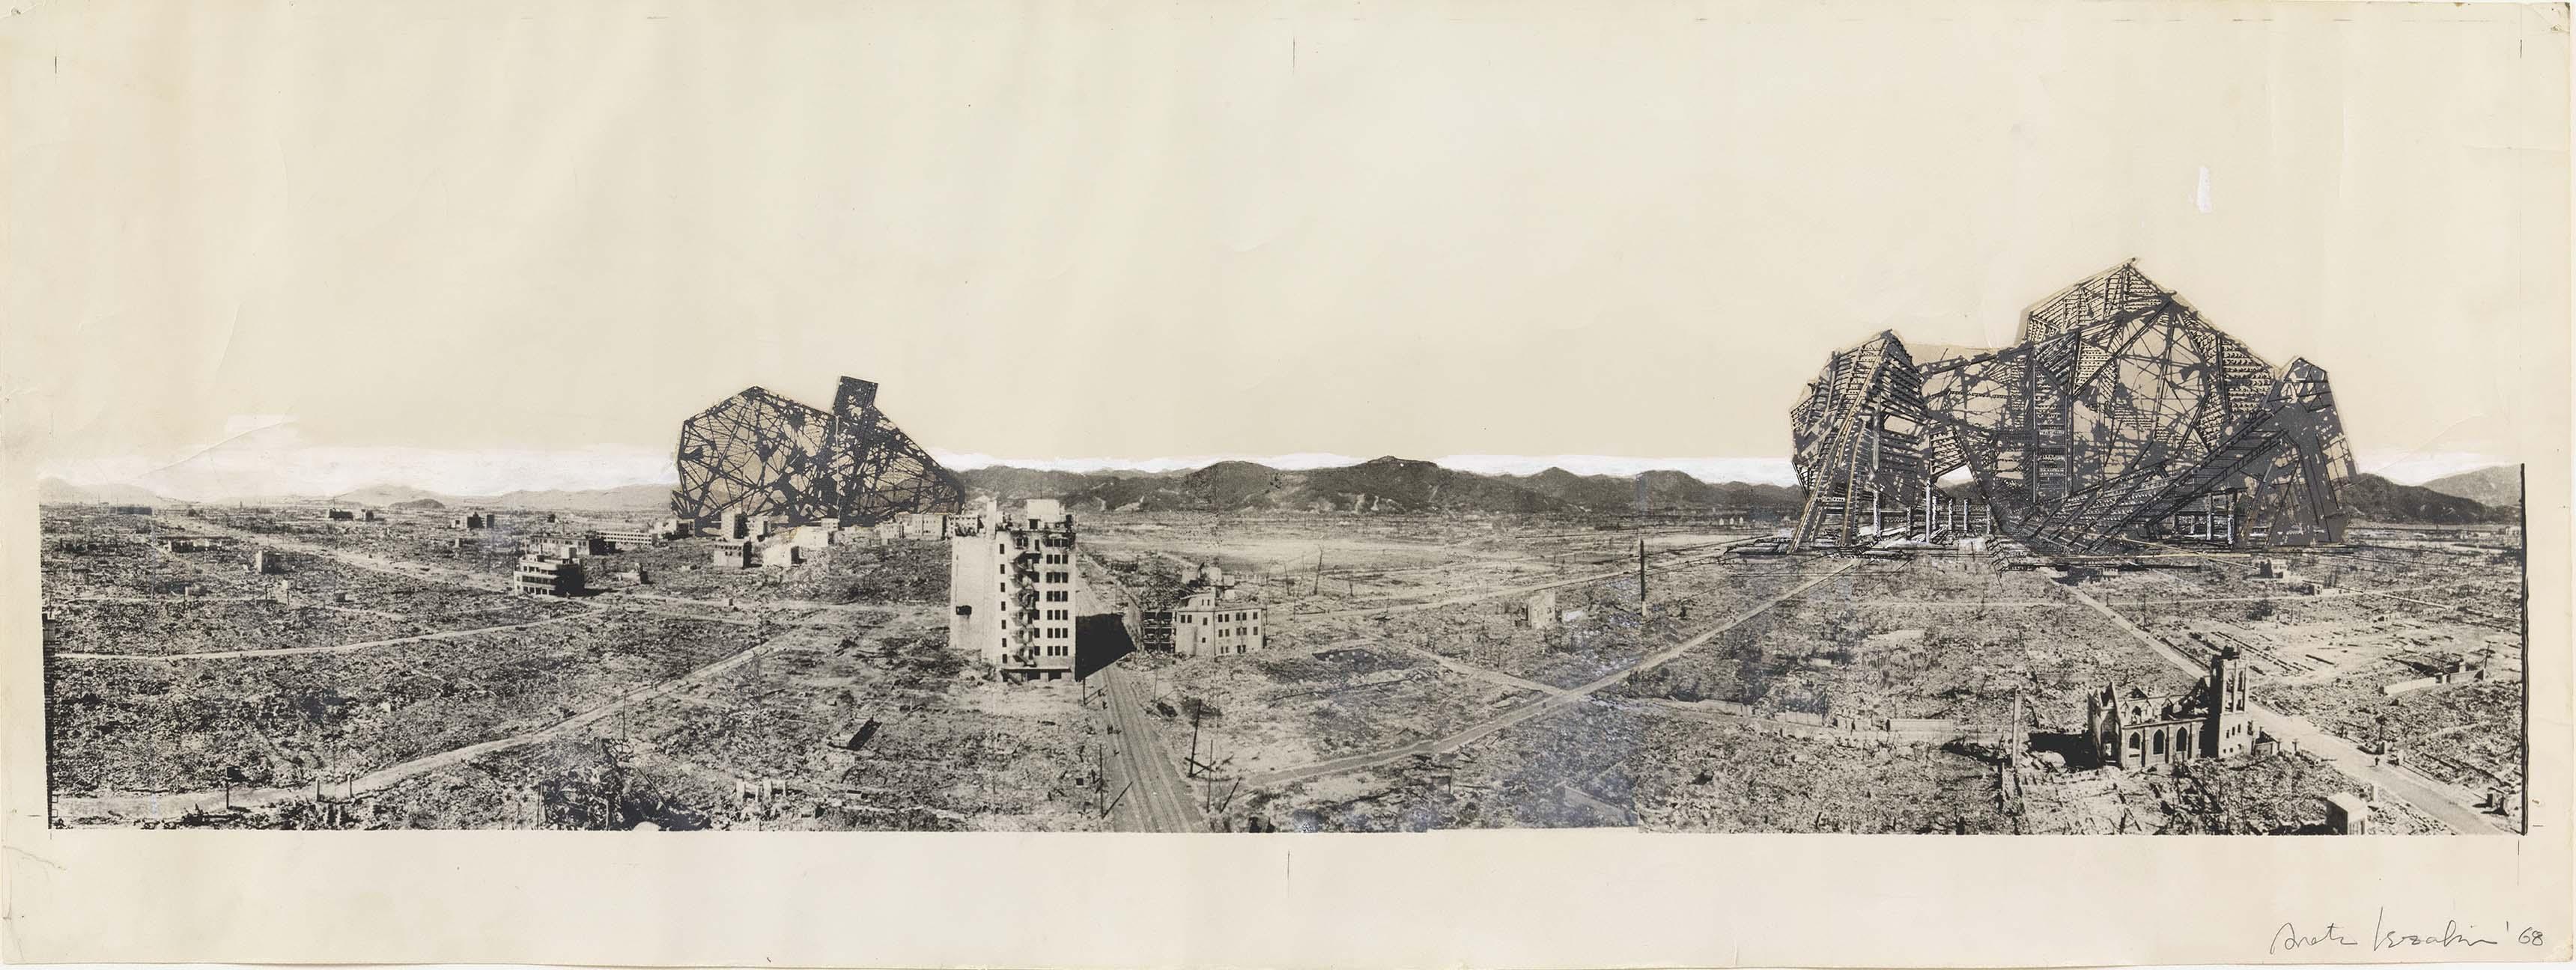 Isozaki, Arata, Re-ruined Hiroshima, 1968.